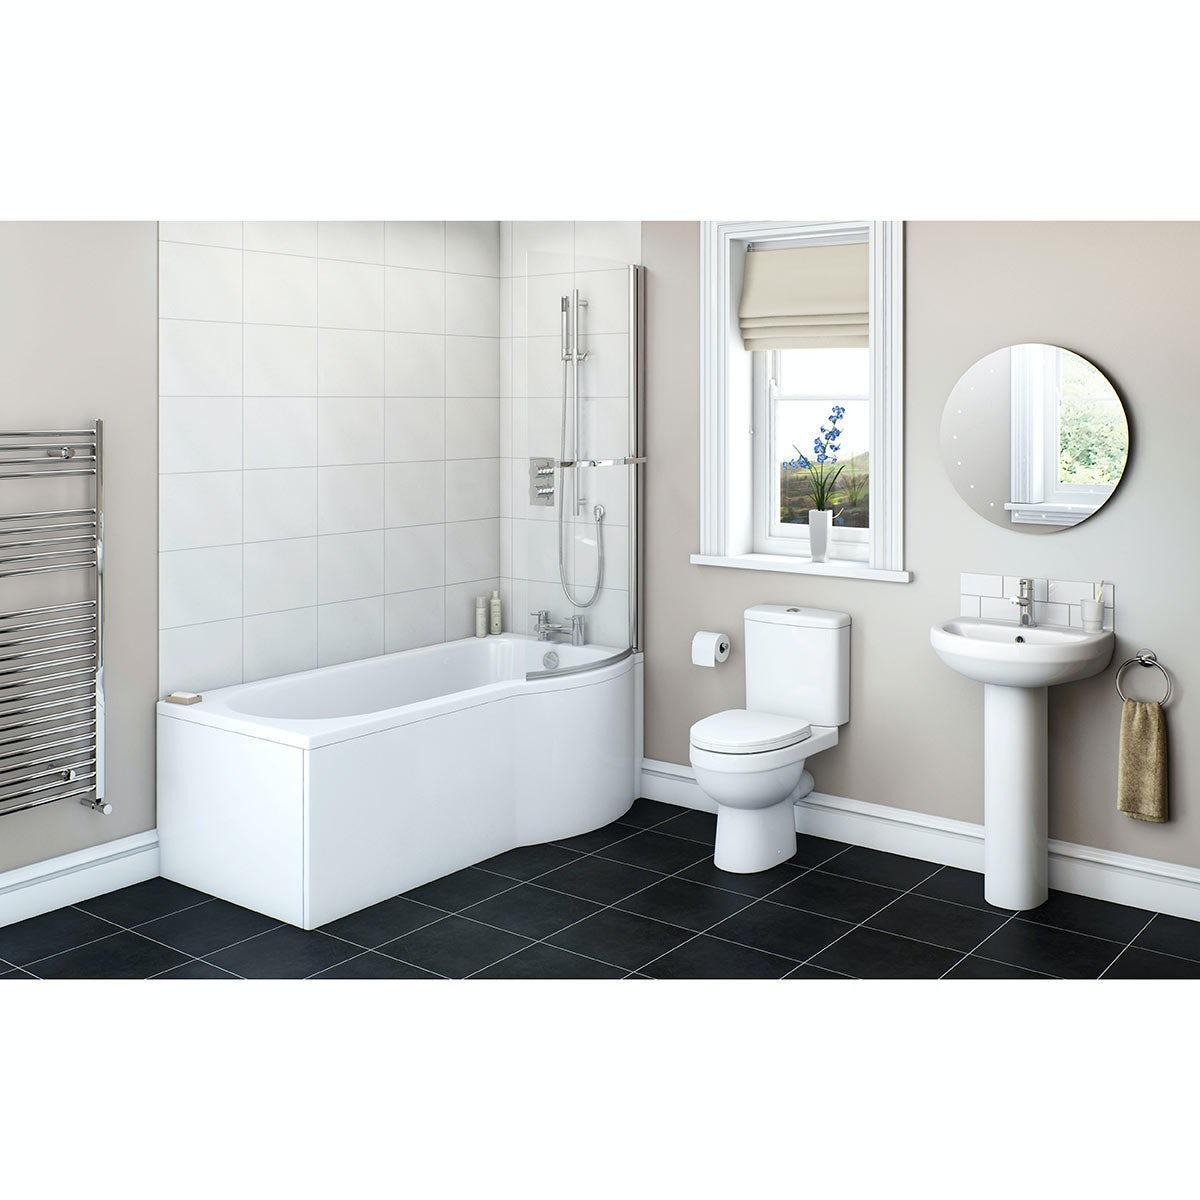 Tecaz bathroom suites - Fabulous Shower Bath Suites Bath Shower Suites With P Shape Bathroom Suite